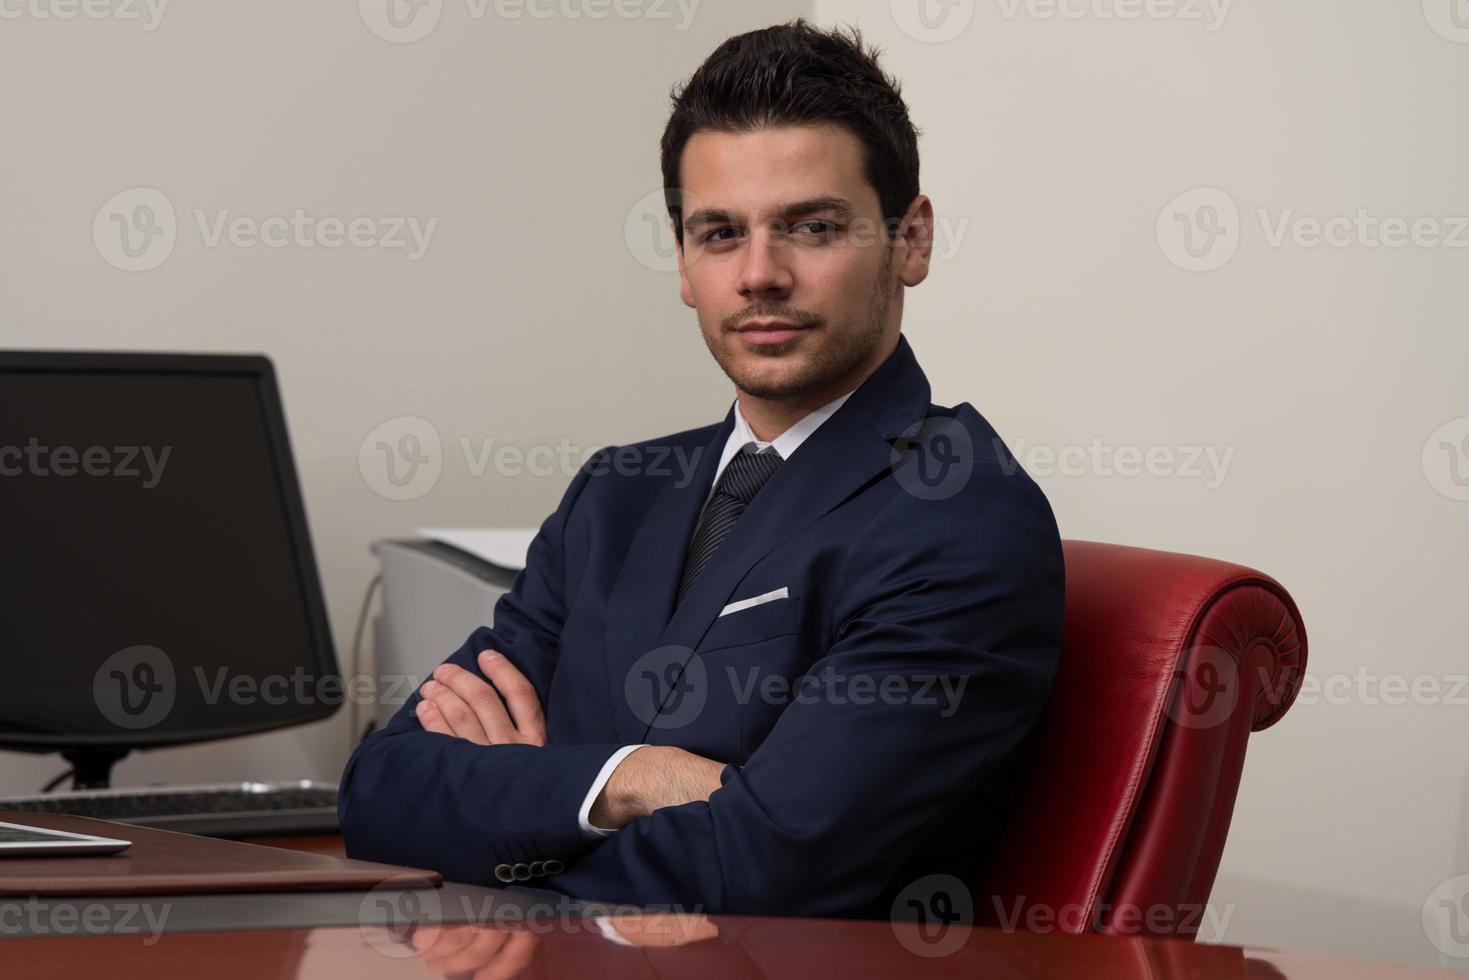 Retrato de hombre de negocios confía foto